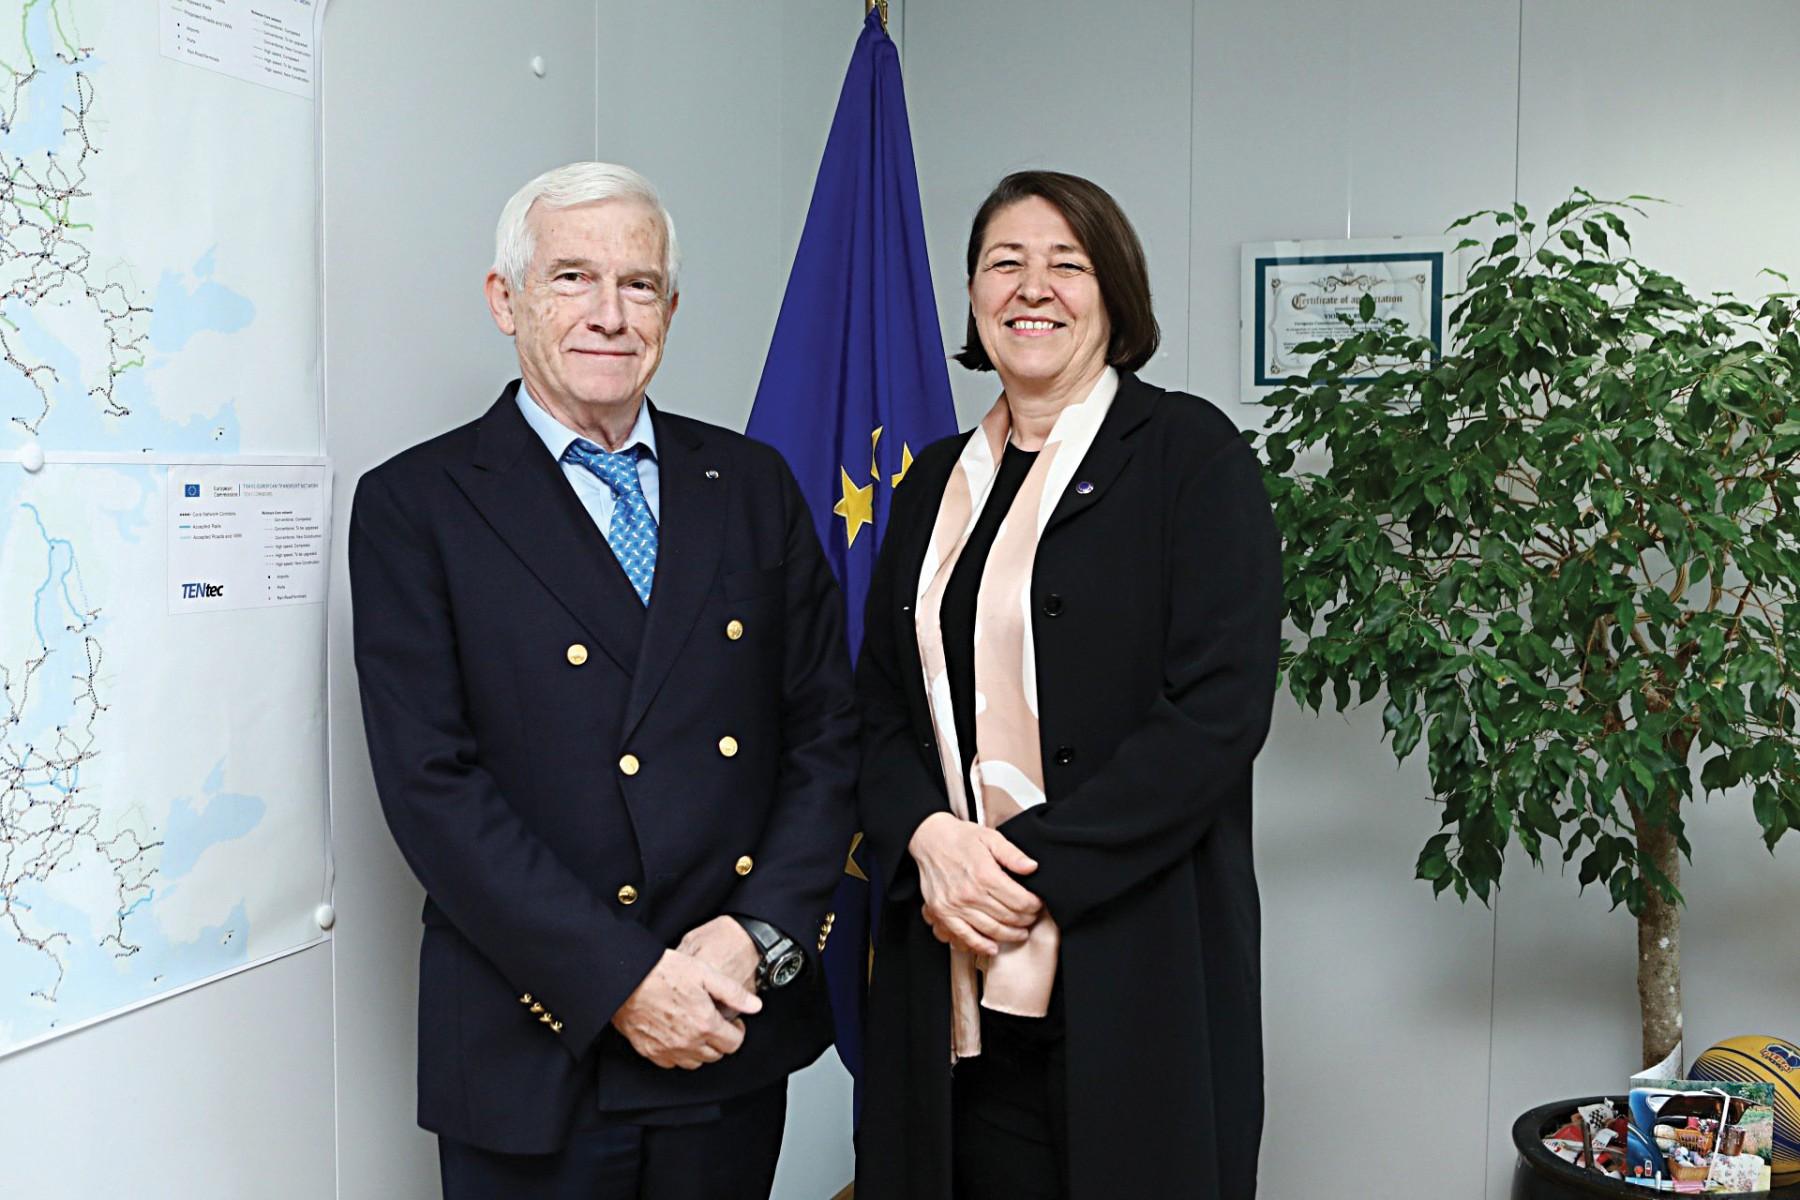 Ο κ. Πάνος Λασκαρίδης με την Ευρωπαία επίτροπο Μεταφορών Violeta Bulk./Φωτό: Violeta Bulk/Twitter